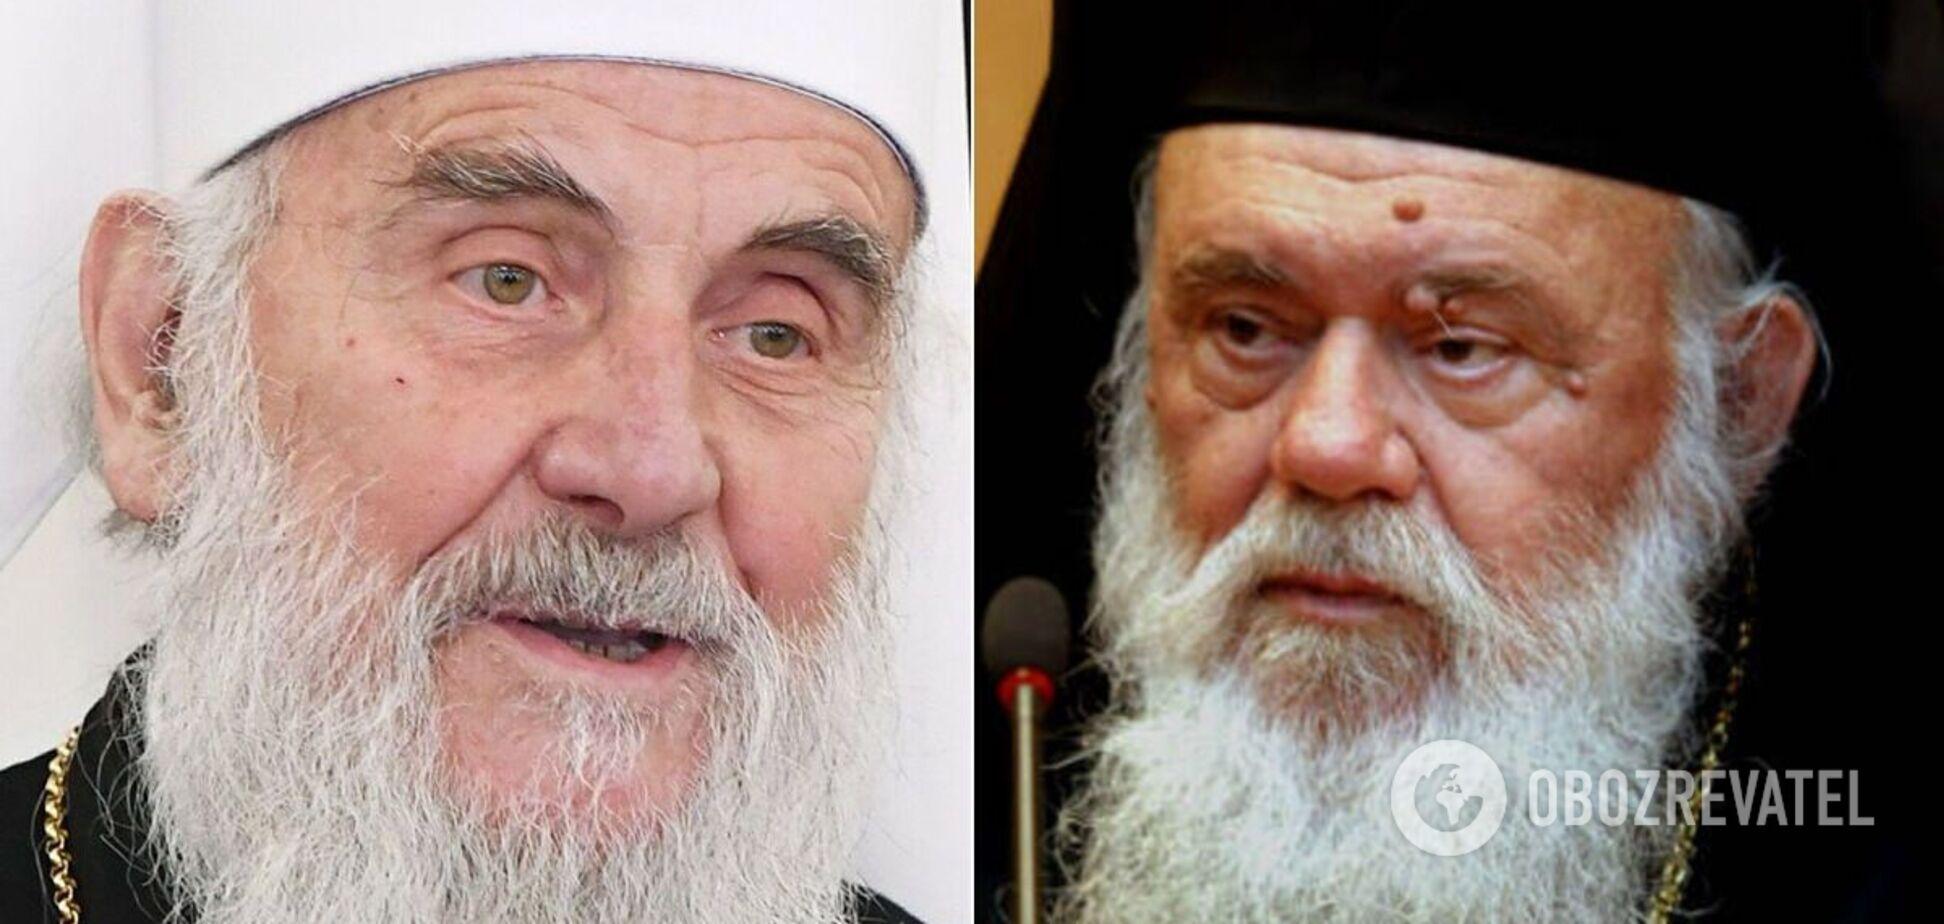 Патріарх Іриней і архієпископ Ієронім